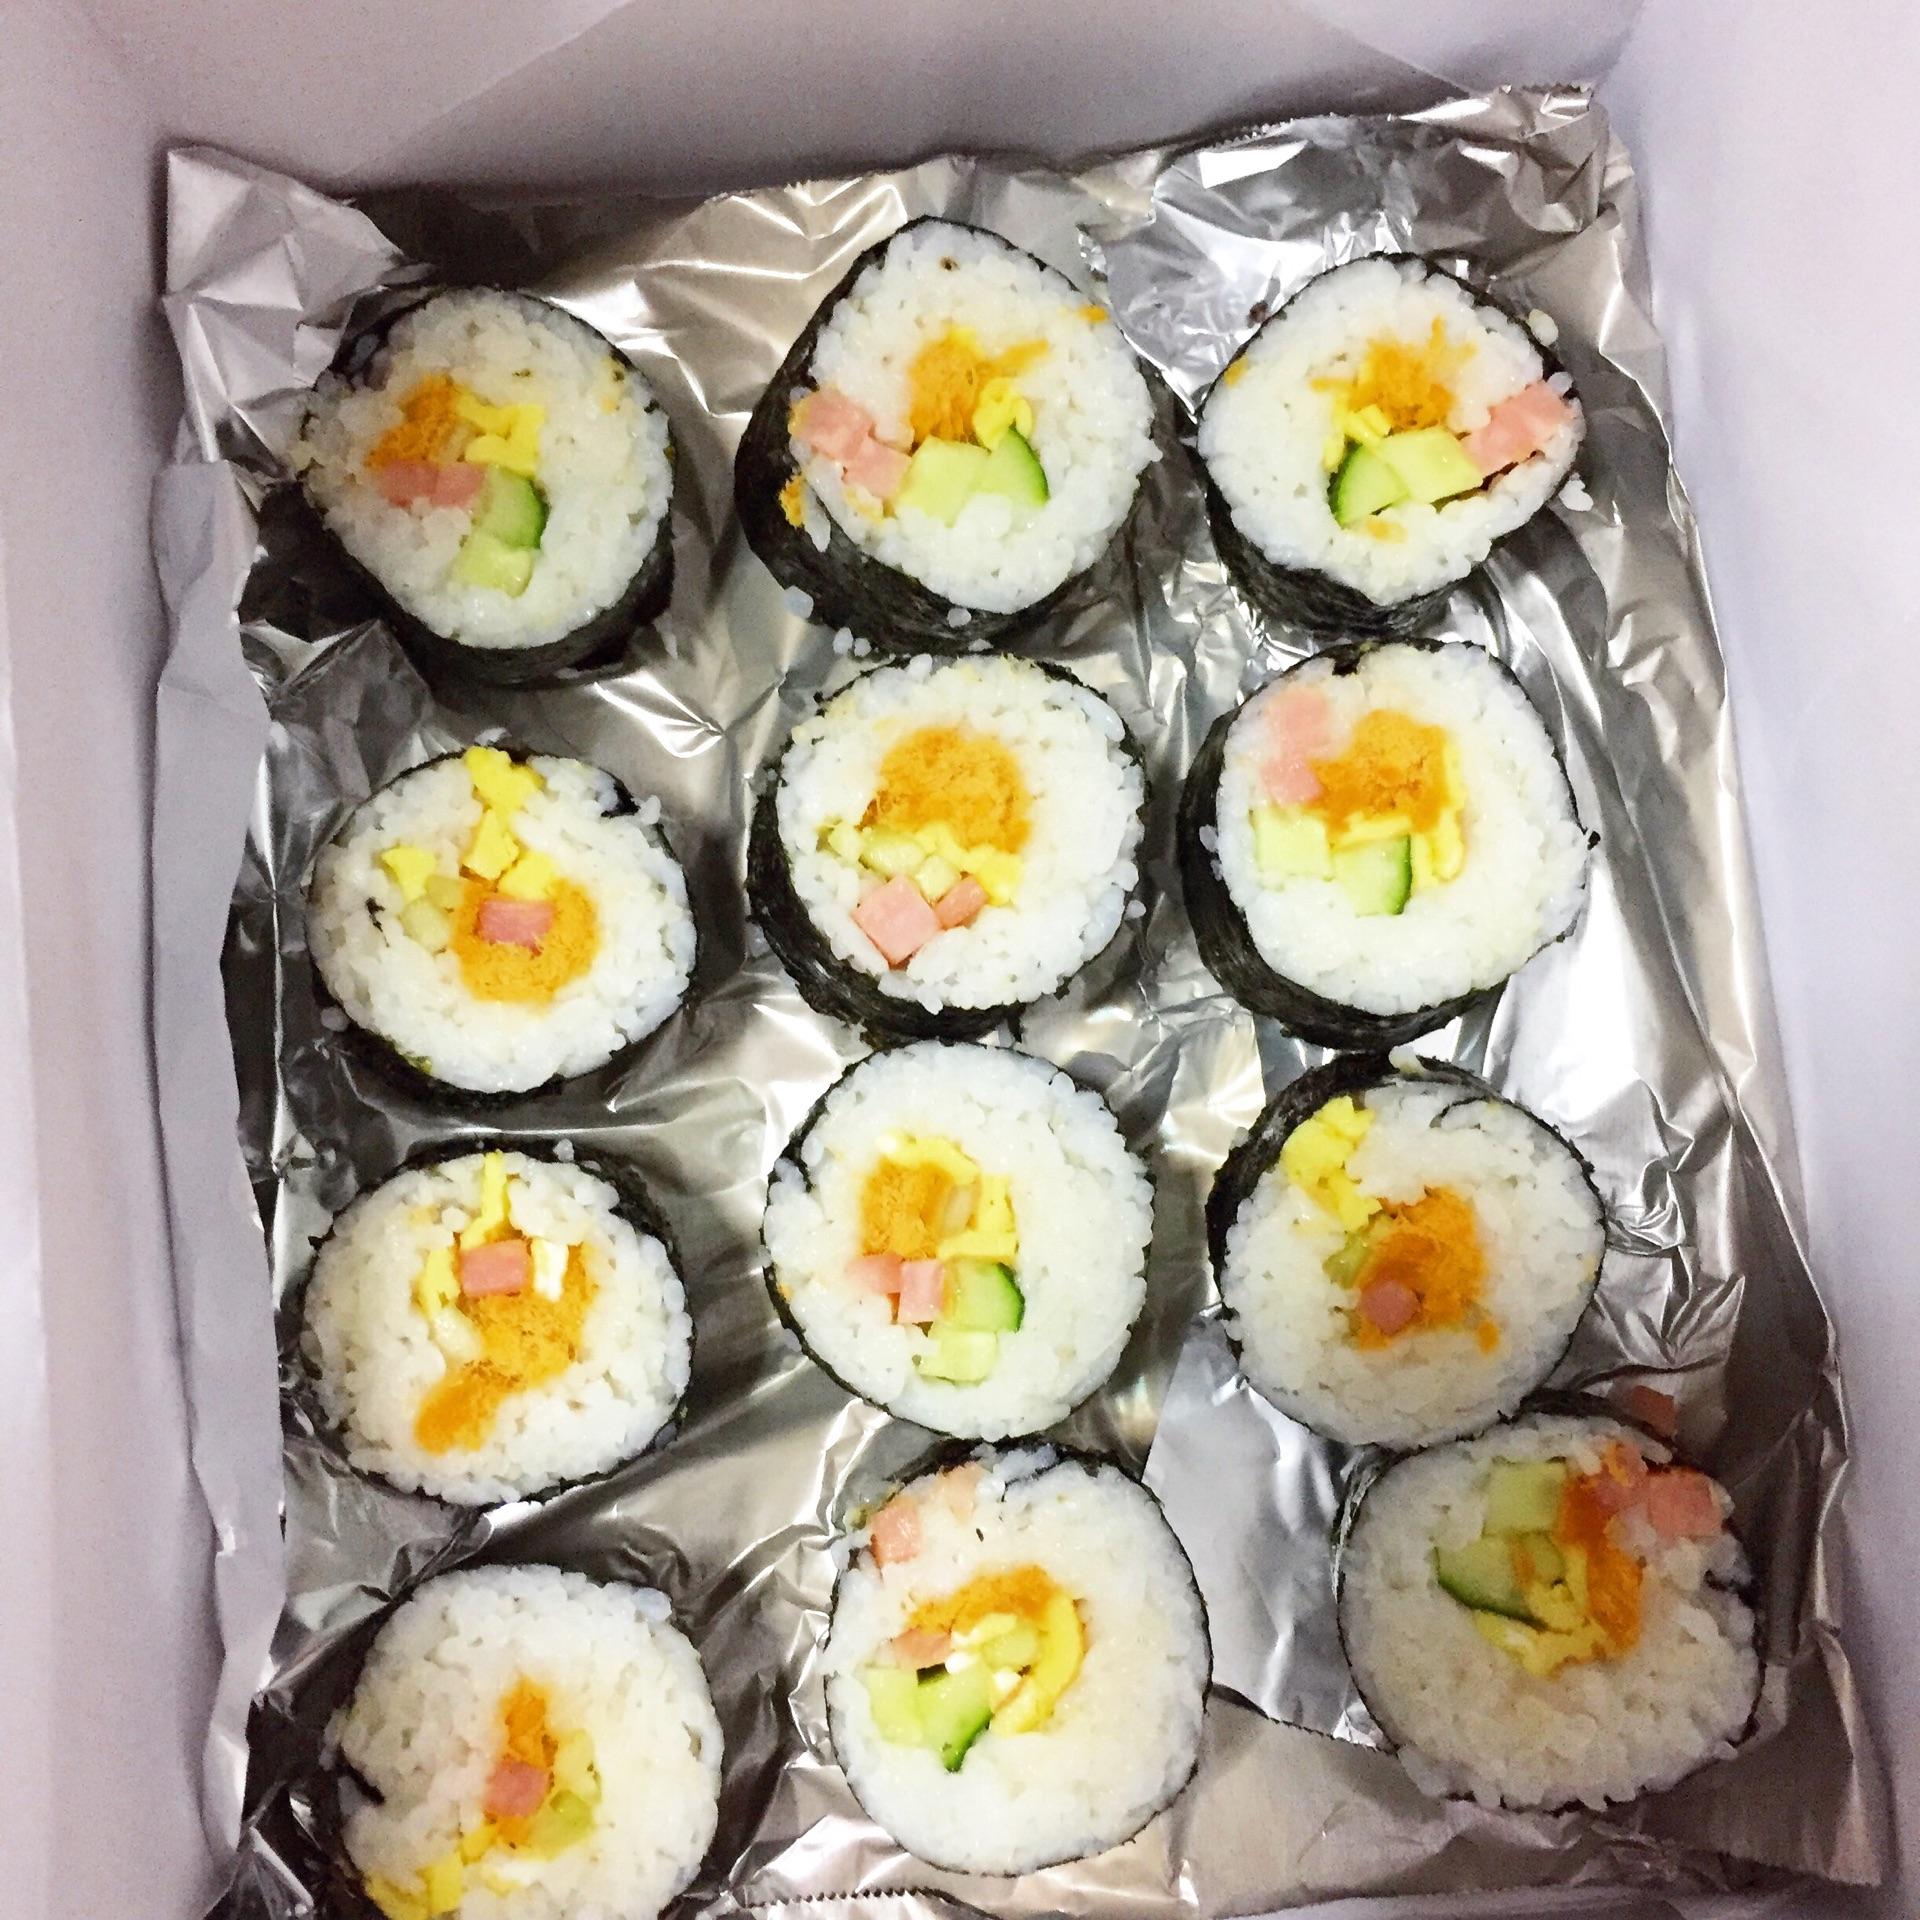 日式寿司卷的做法_【图解】日式寿司卷怎么做如何做